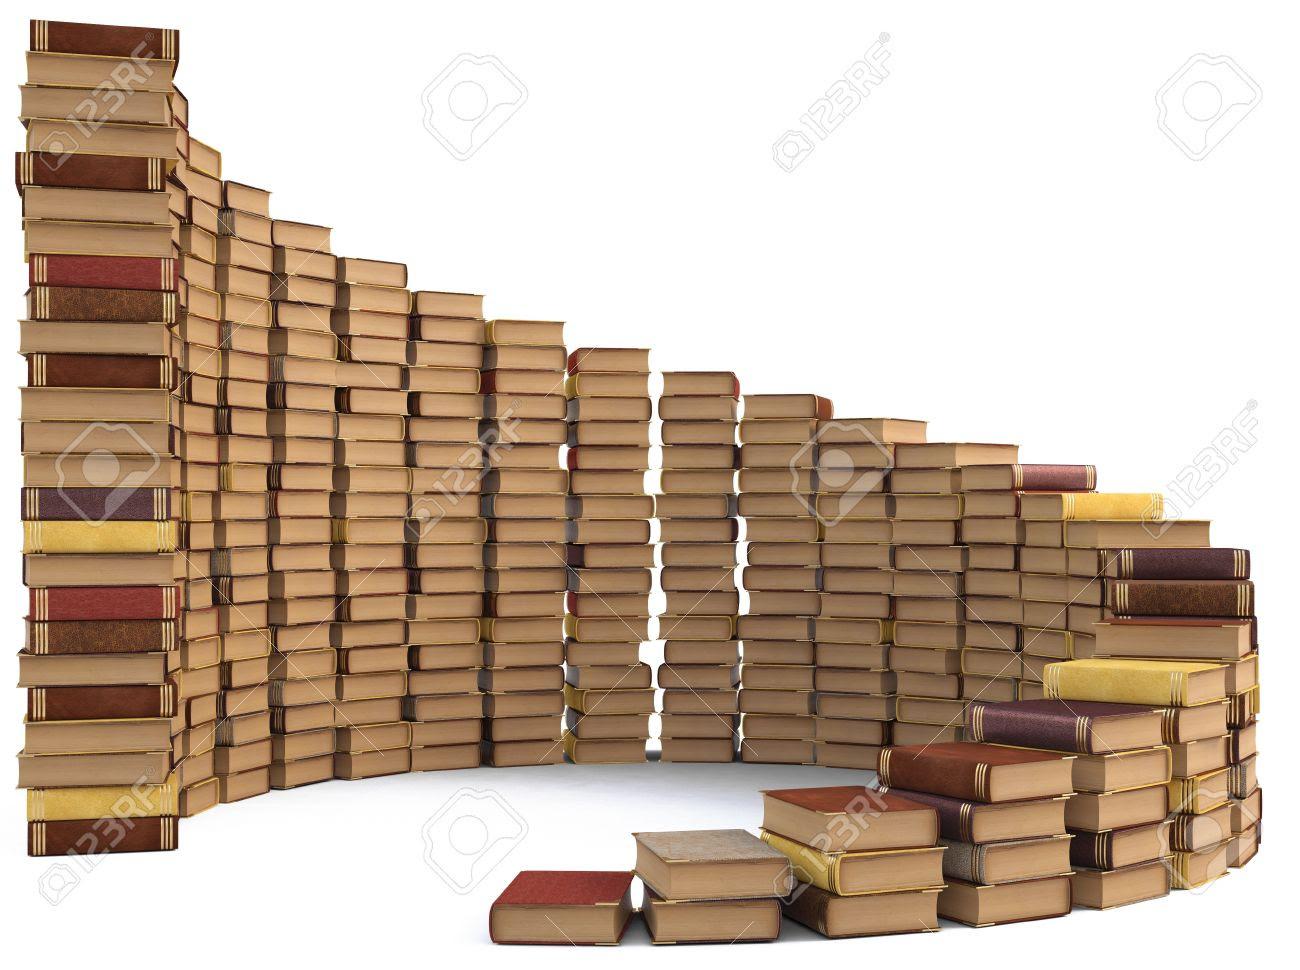 Resultado de imagen para pilas de libros